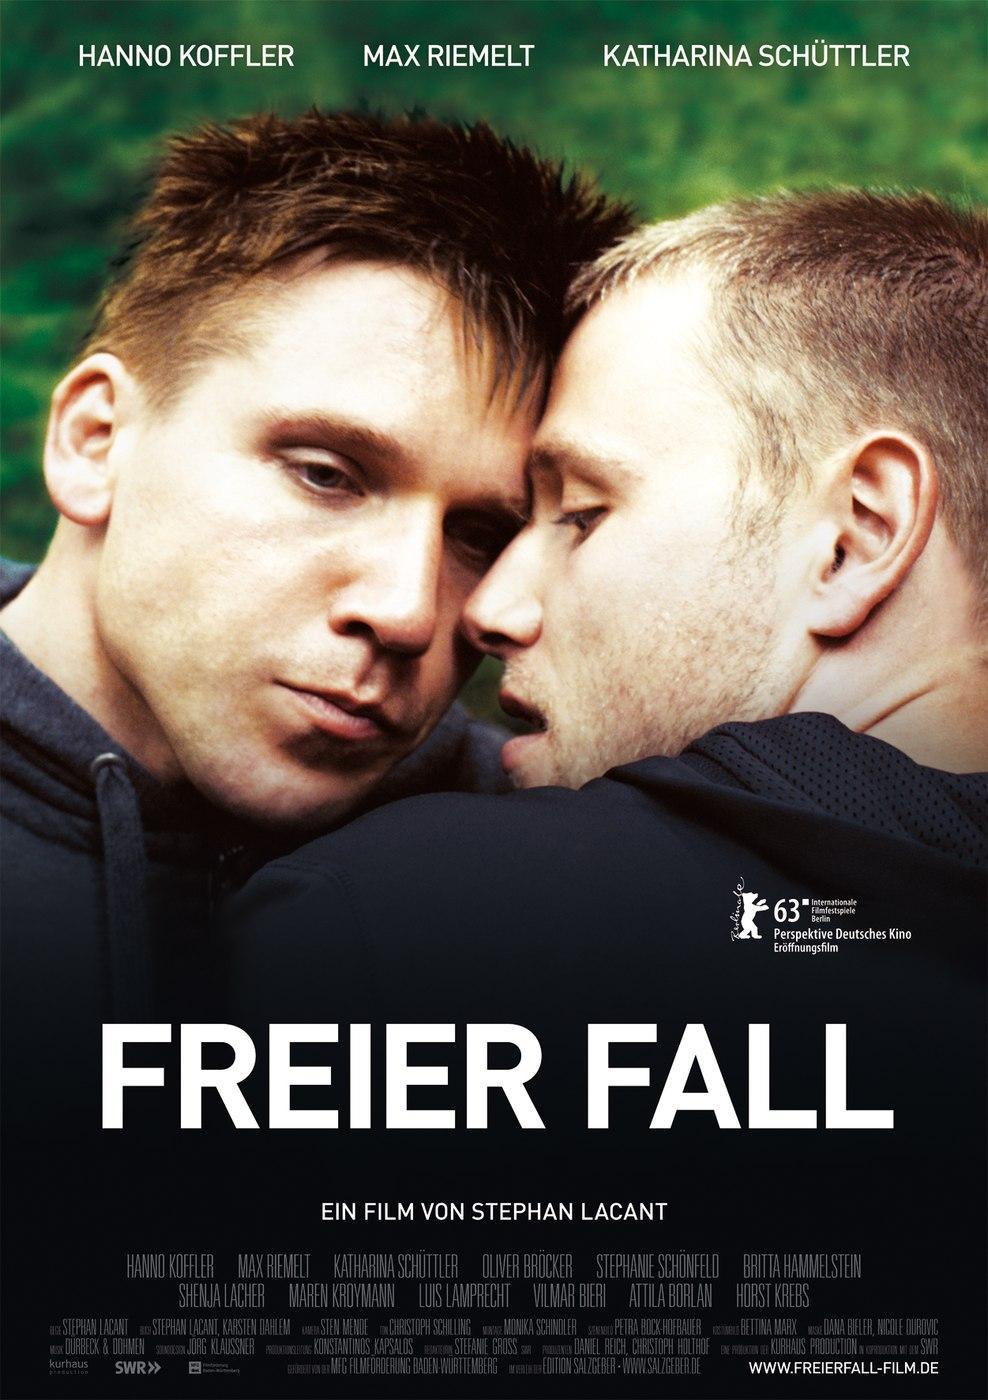 Freier Fall (Poster)